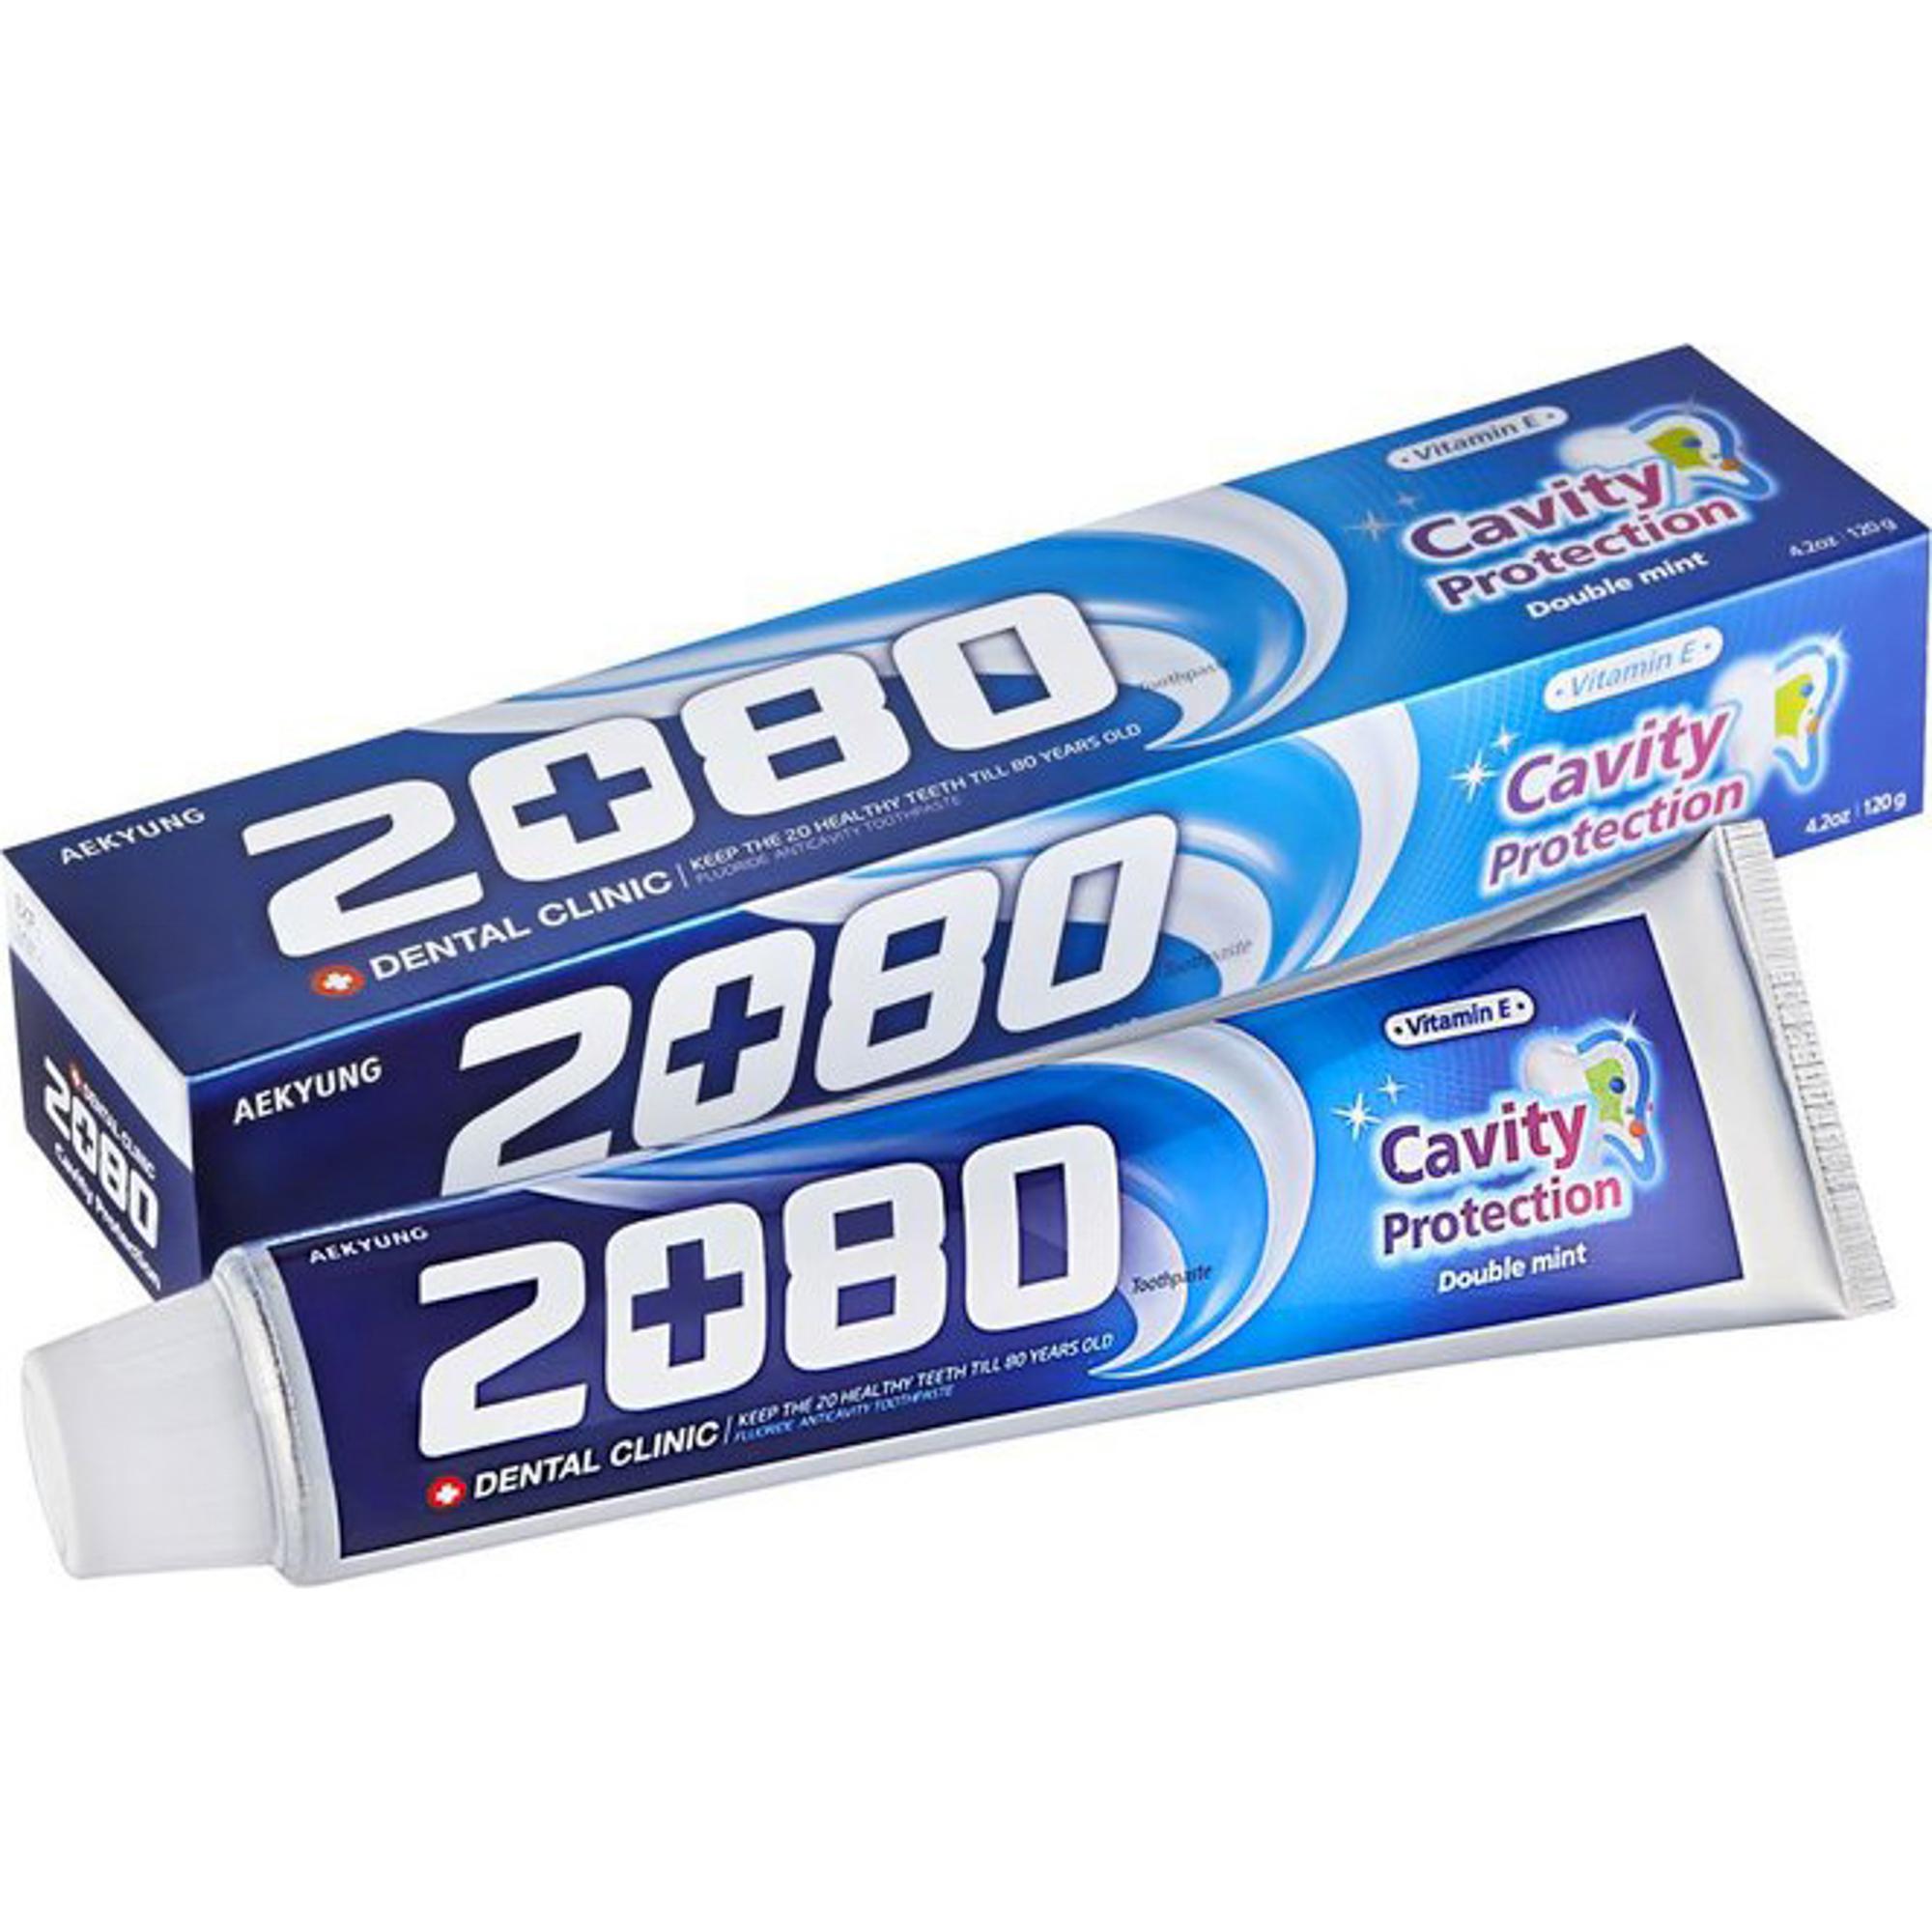 Зубная паста Kerasys Dental Clinic 2080 Double Mint Натуральная мята 120 г